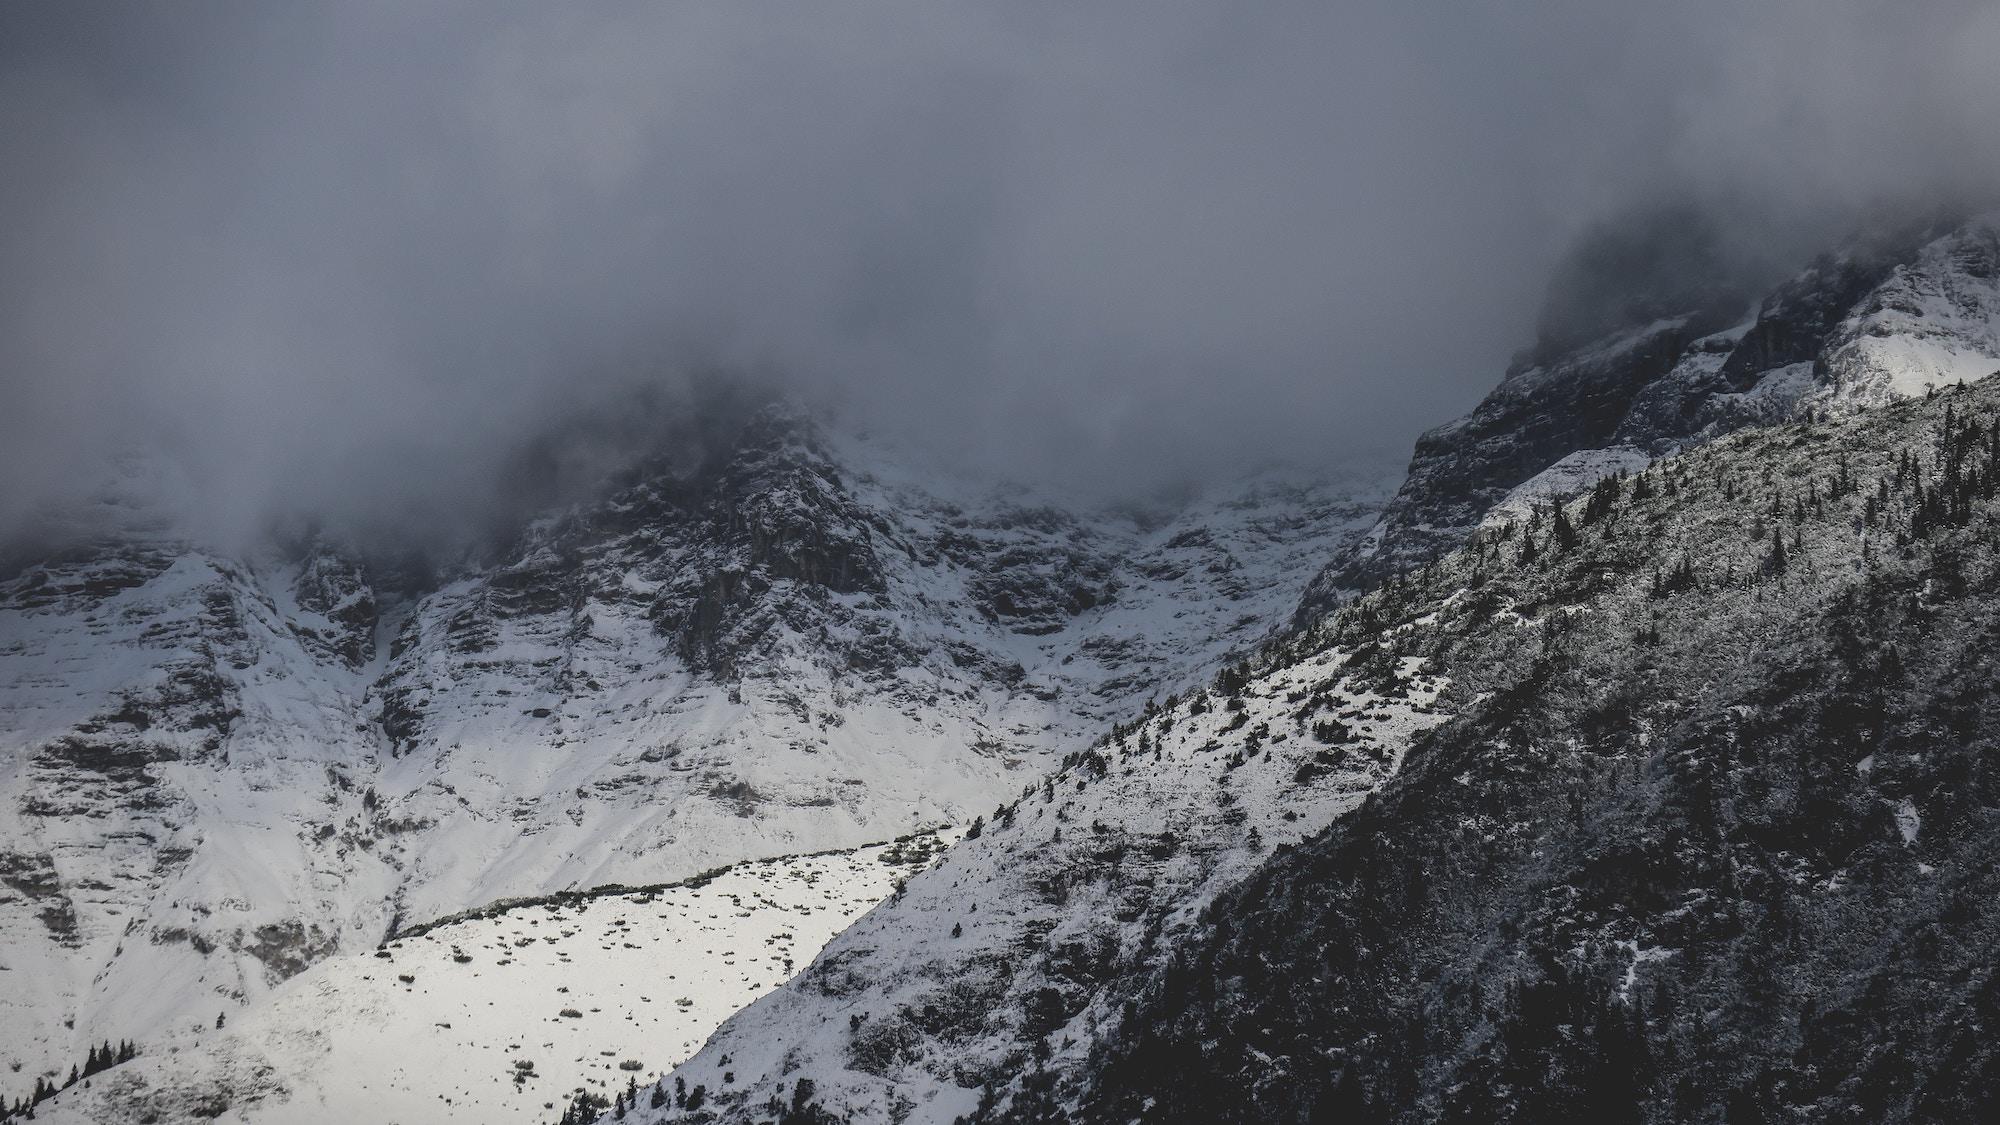 montagne sous la neige paul-gilmore-unsplash